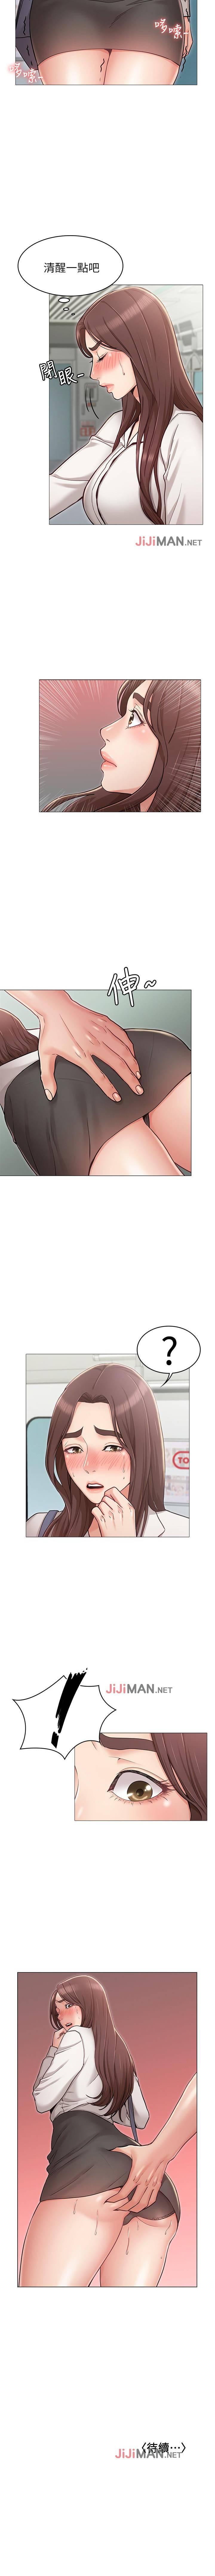 【周六连载】女友的姐姐(作者:橡果人&獵狗) 第1~23话 34